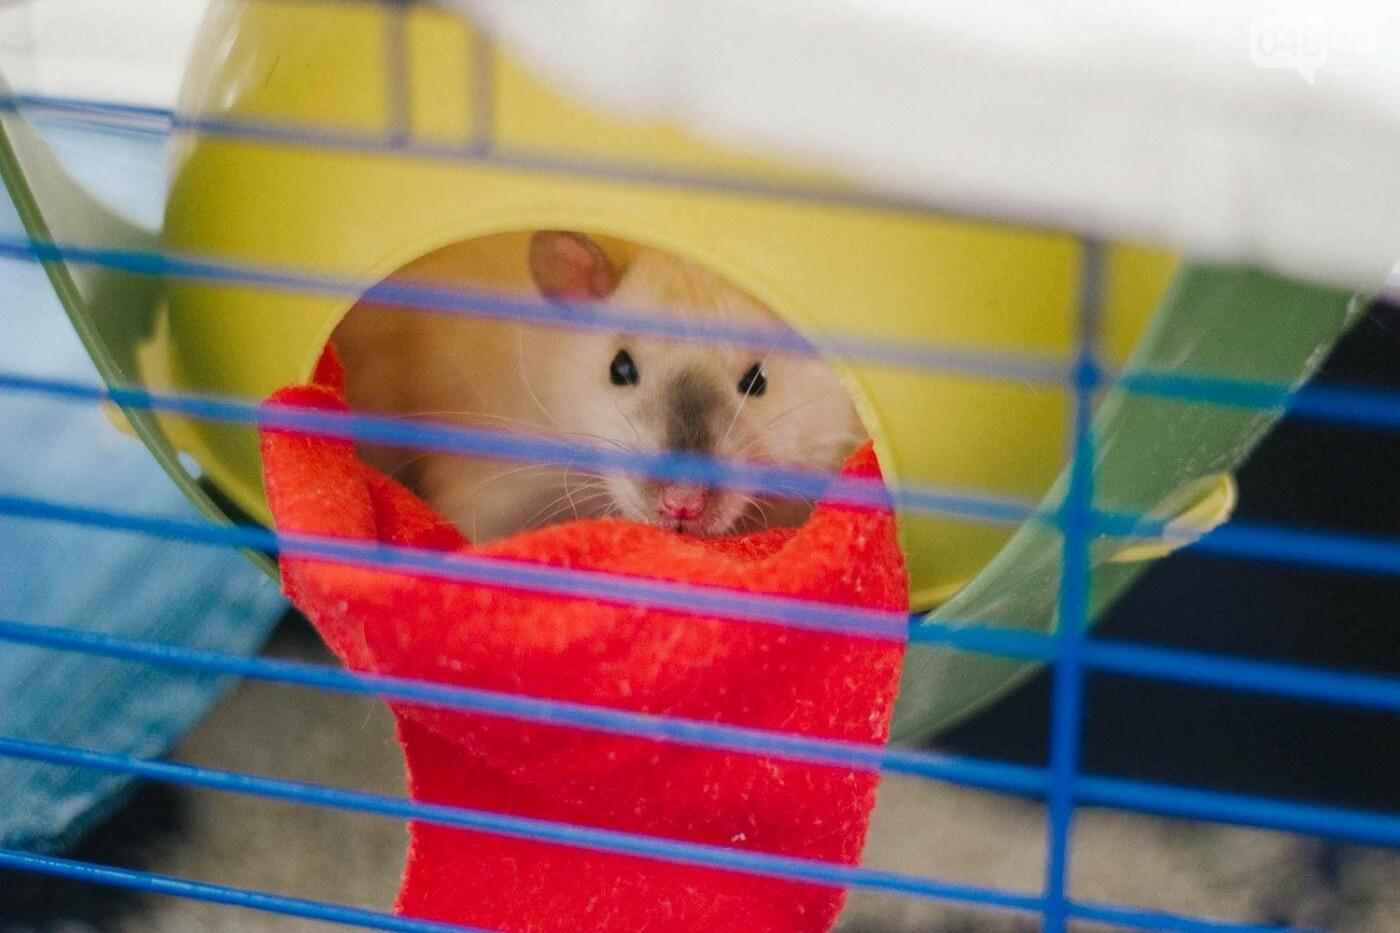 Канатоходцы, бегуны и модники: в Одессе крысам устроили необычный конкурс, - ФОТО, фото-4